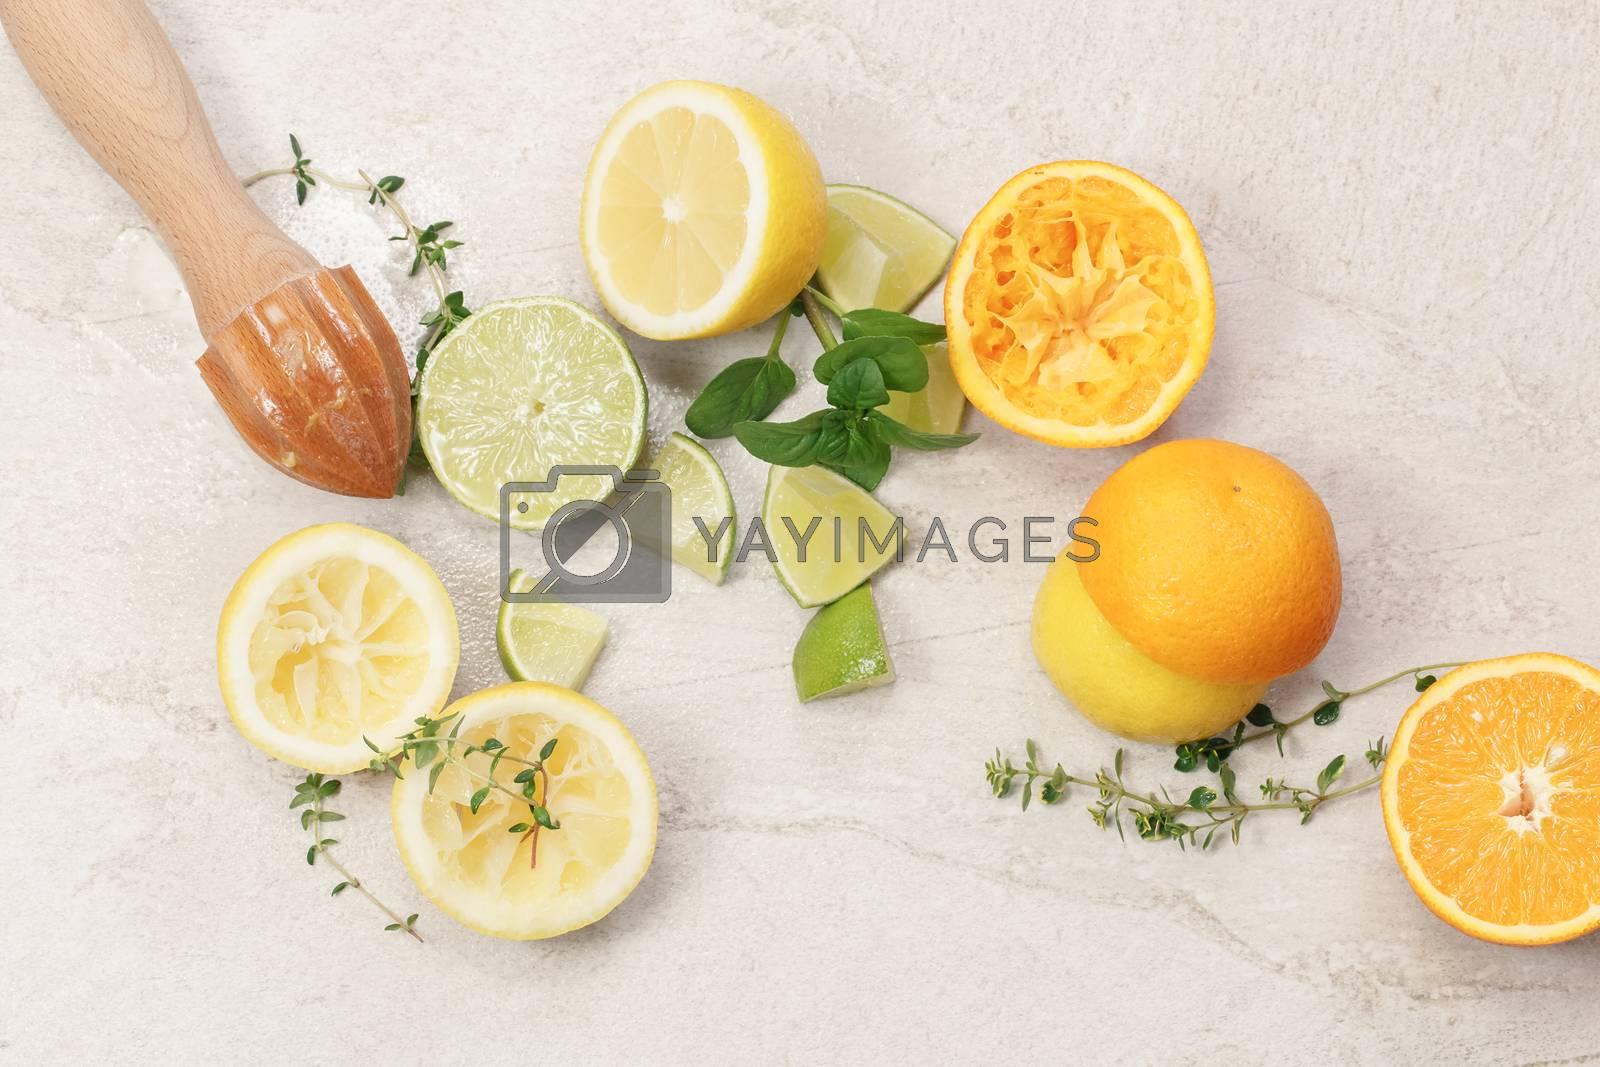 Citrus fruits by Slast20